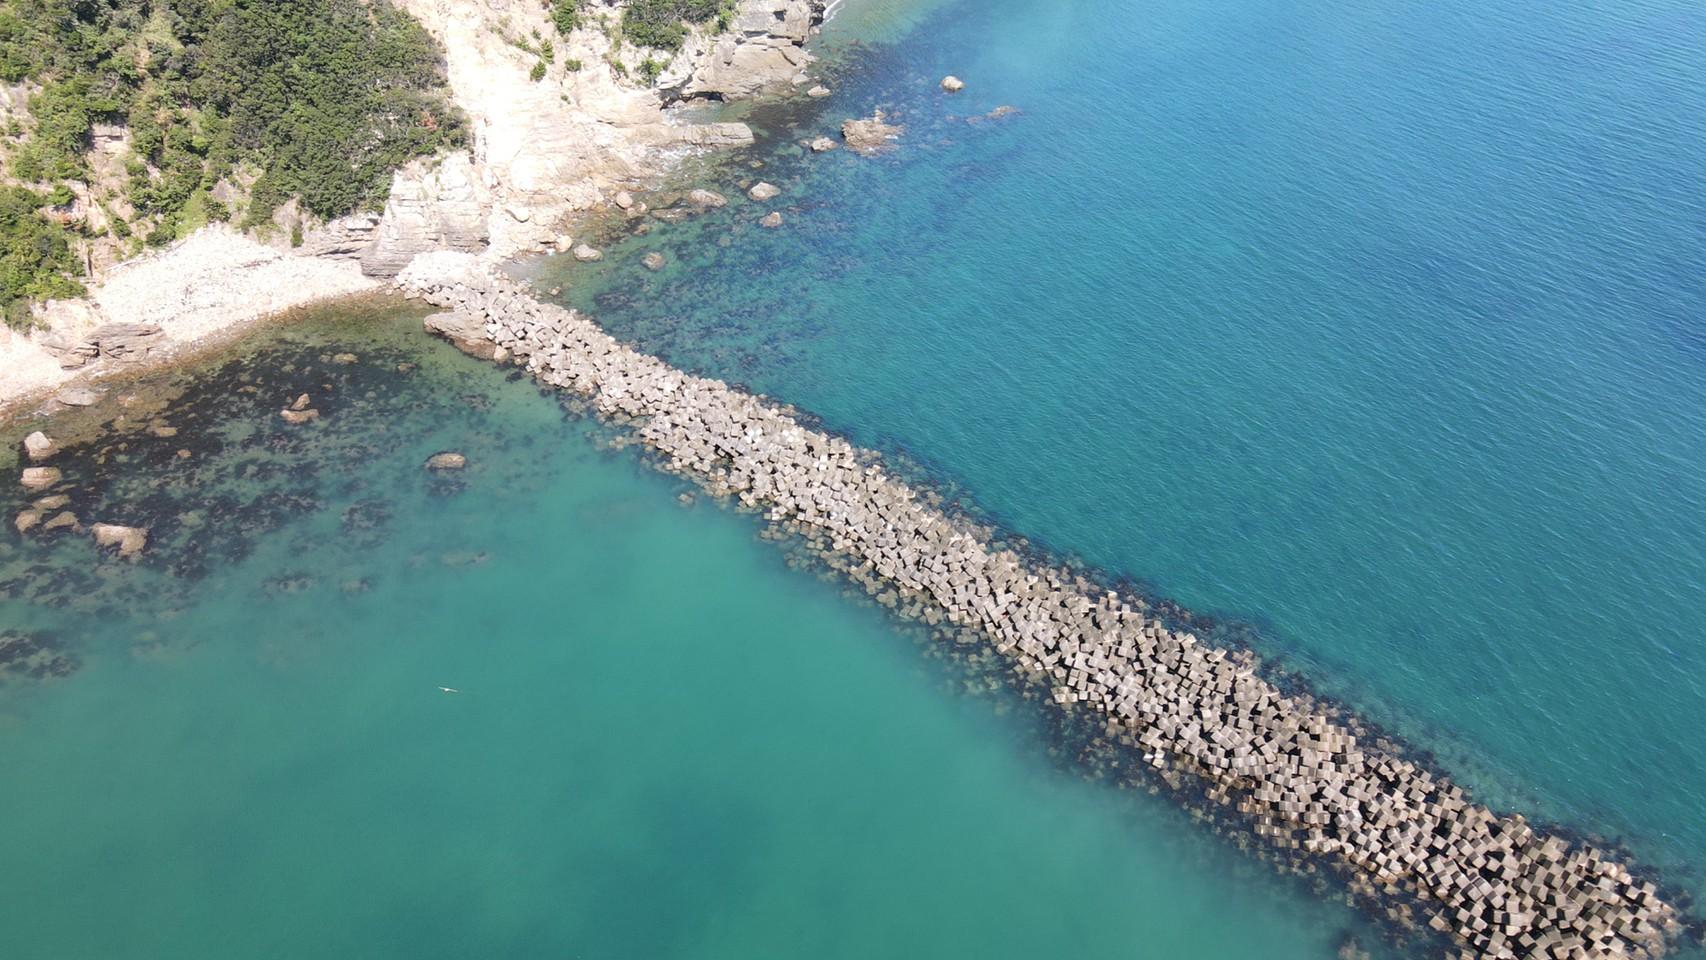 【三重県志摩市】『船越前浜小公園』の海釣りガイド(釣れる魚・駐車場・トイレ)